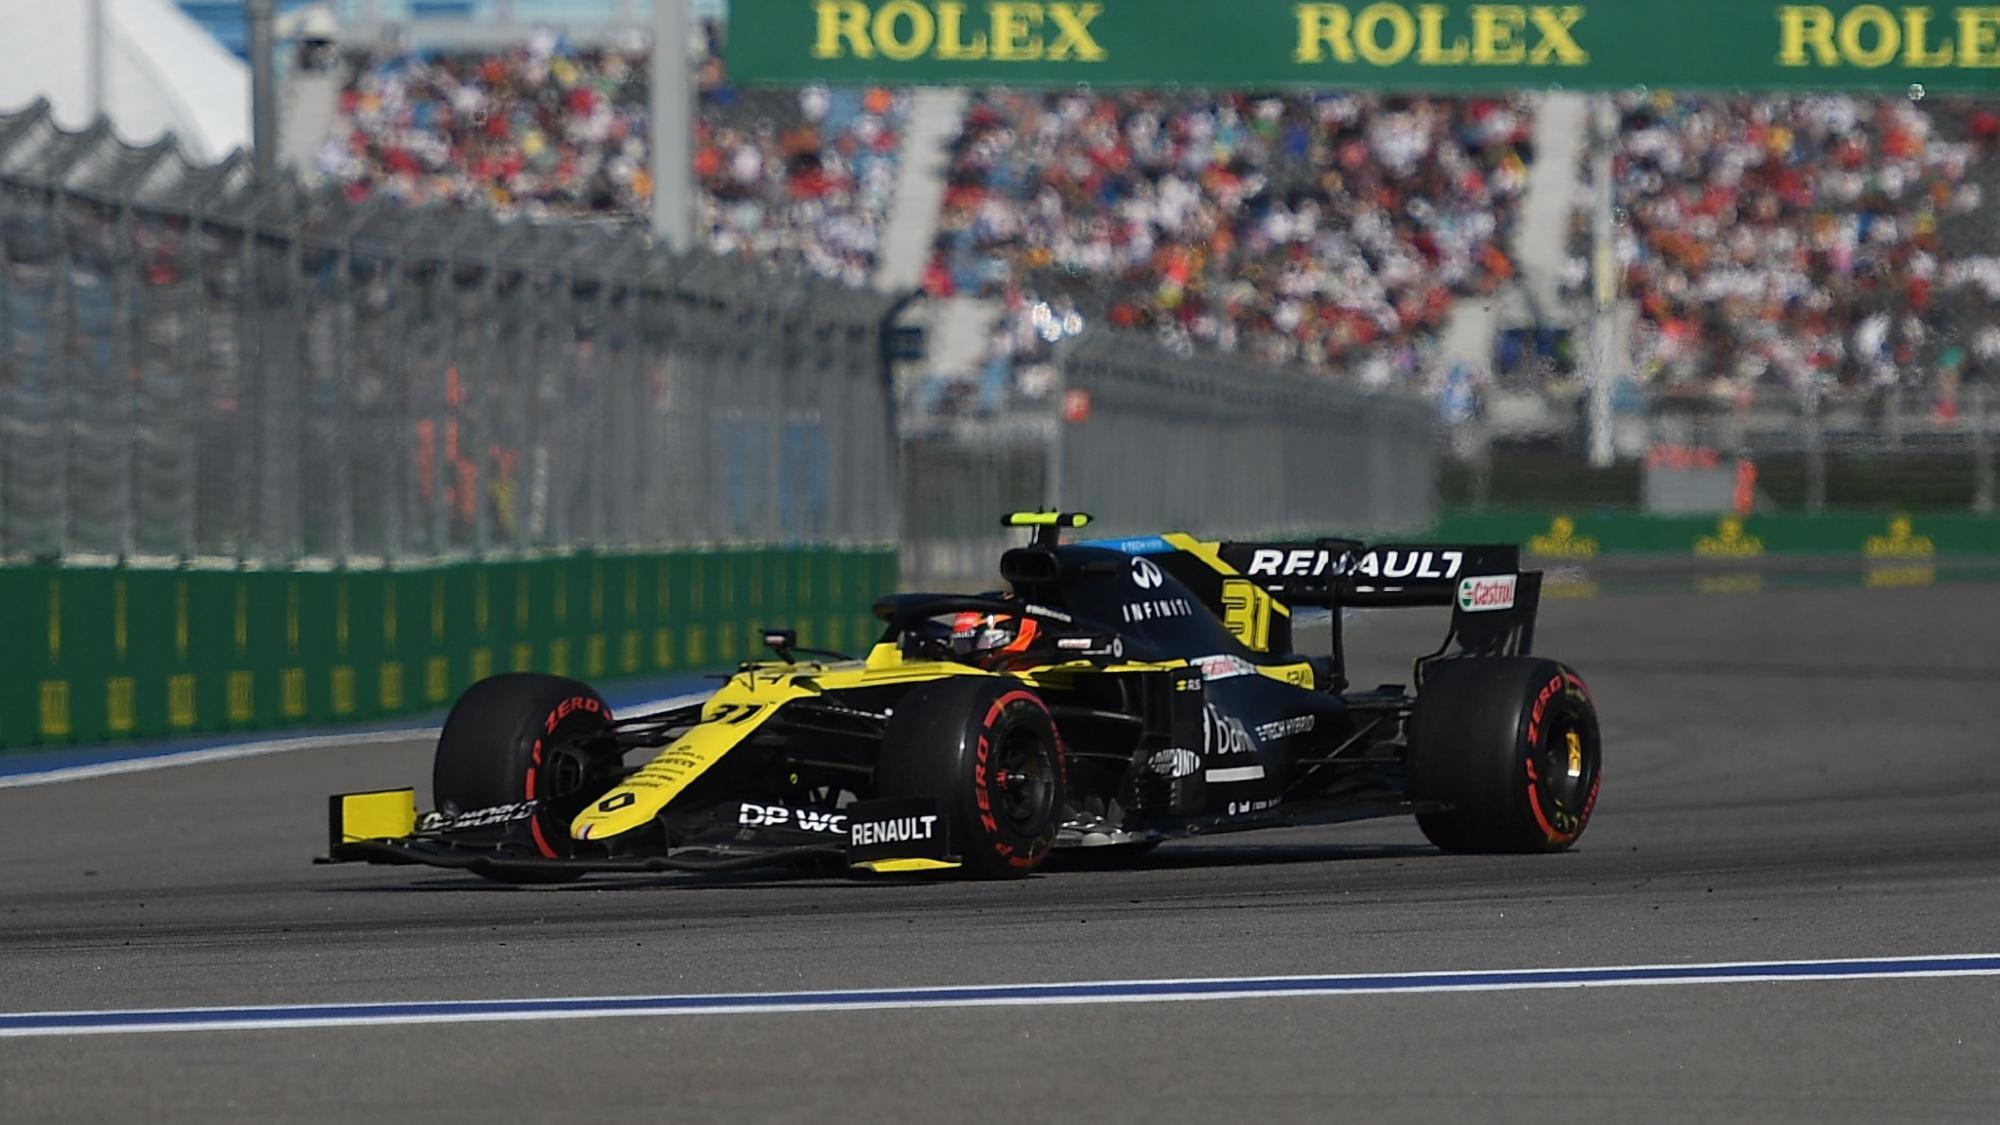 Esteban Ocon, 2020 Russian GP